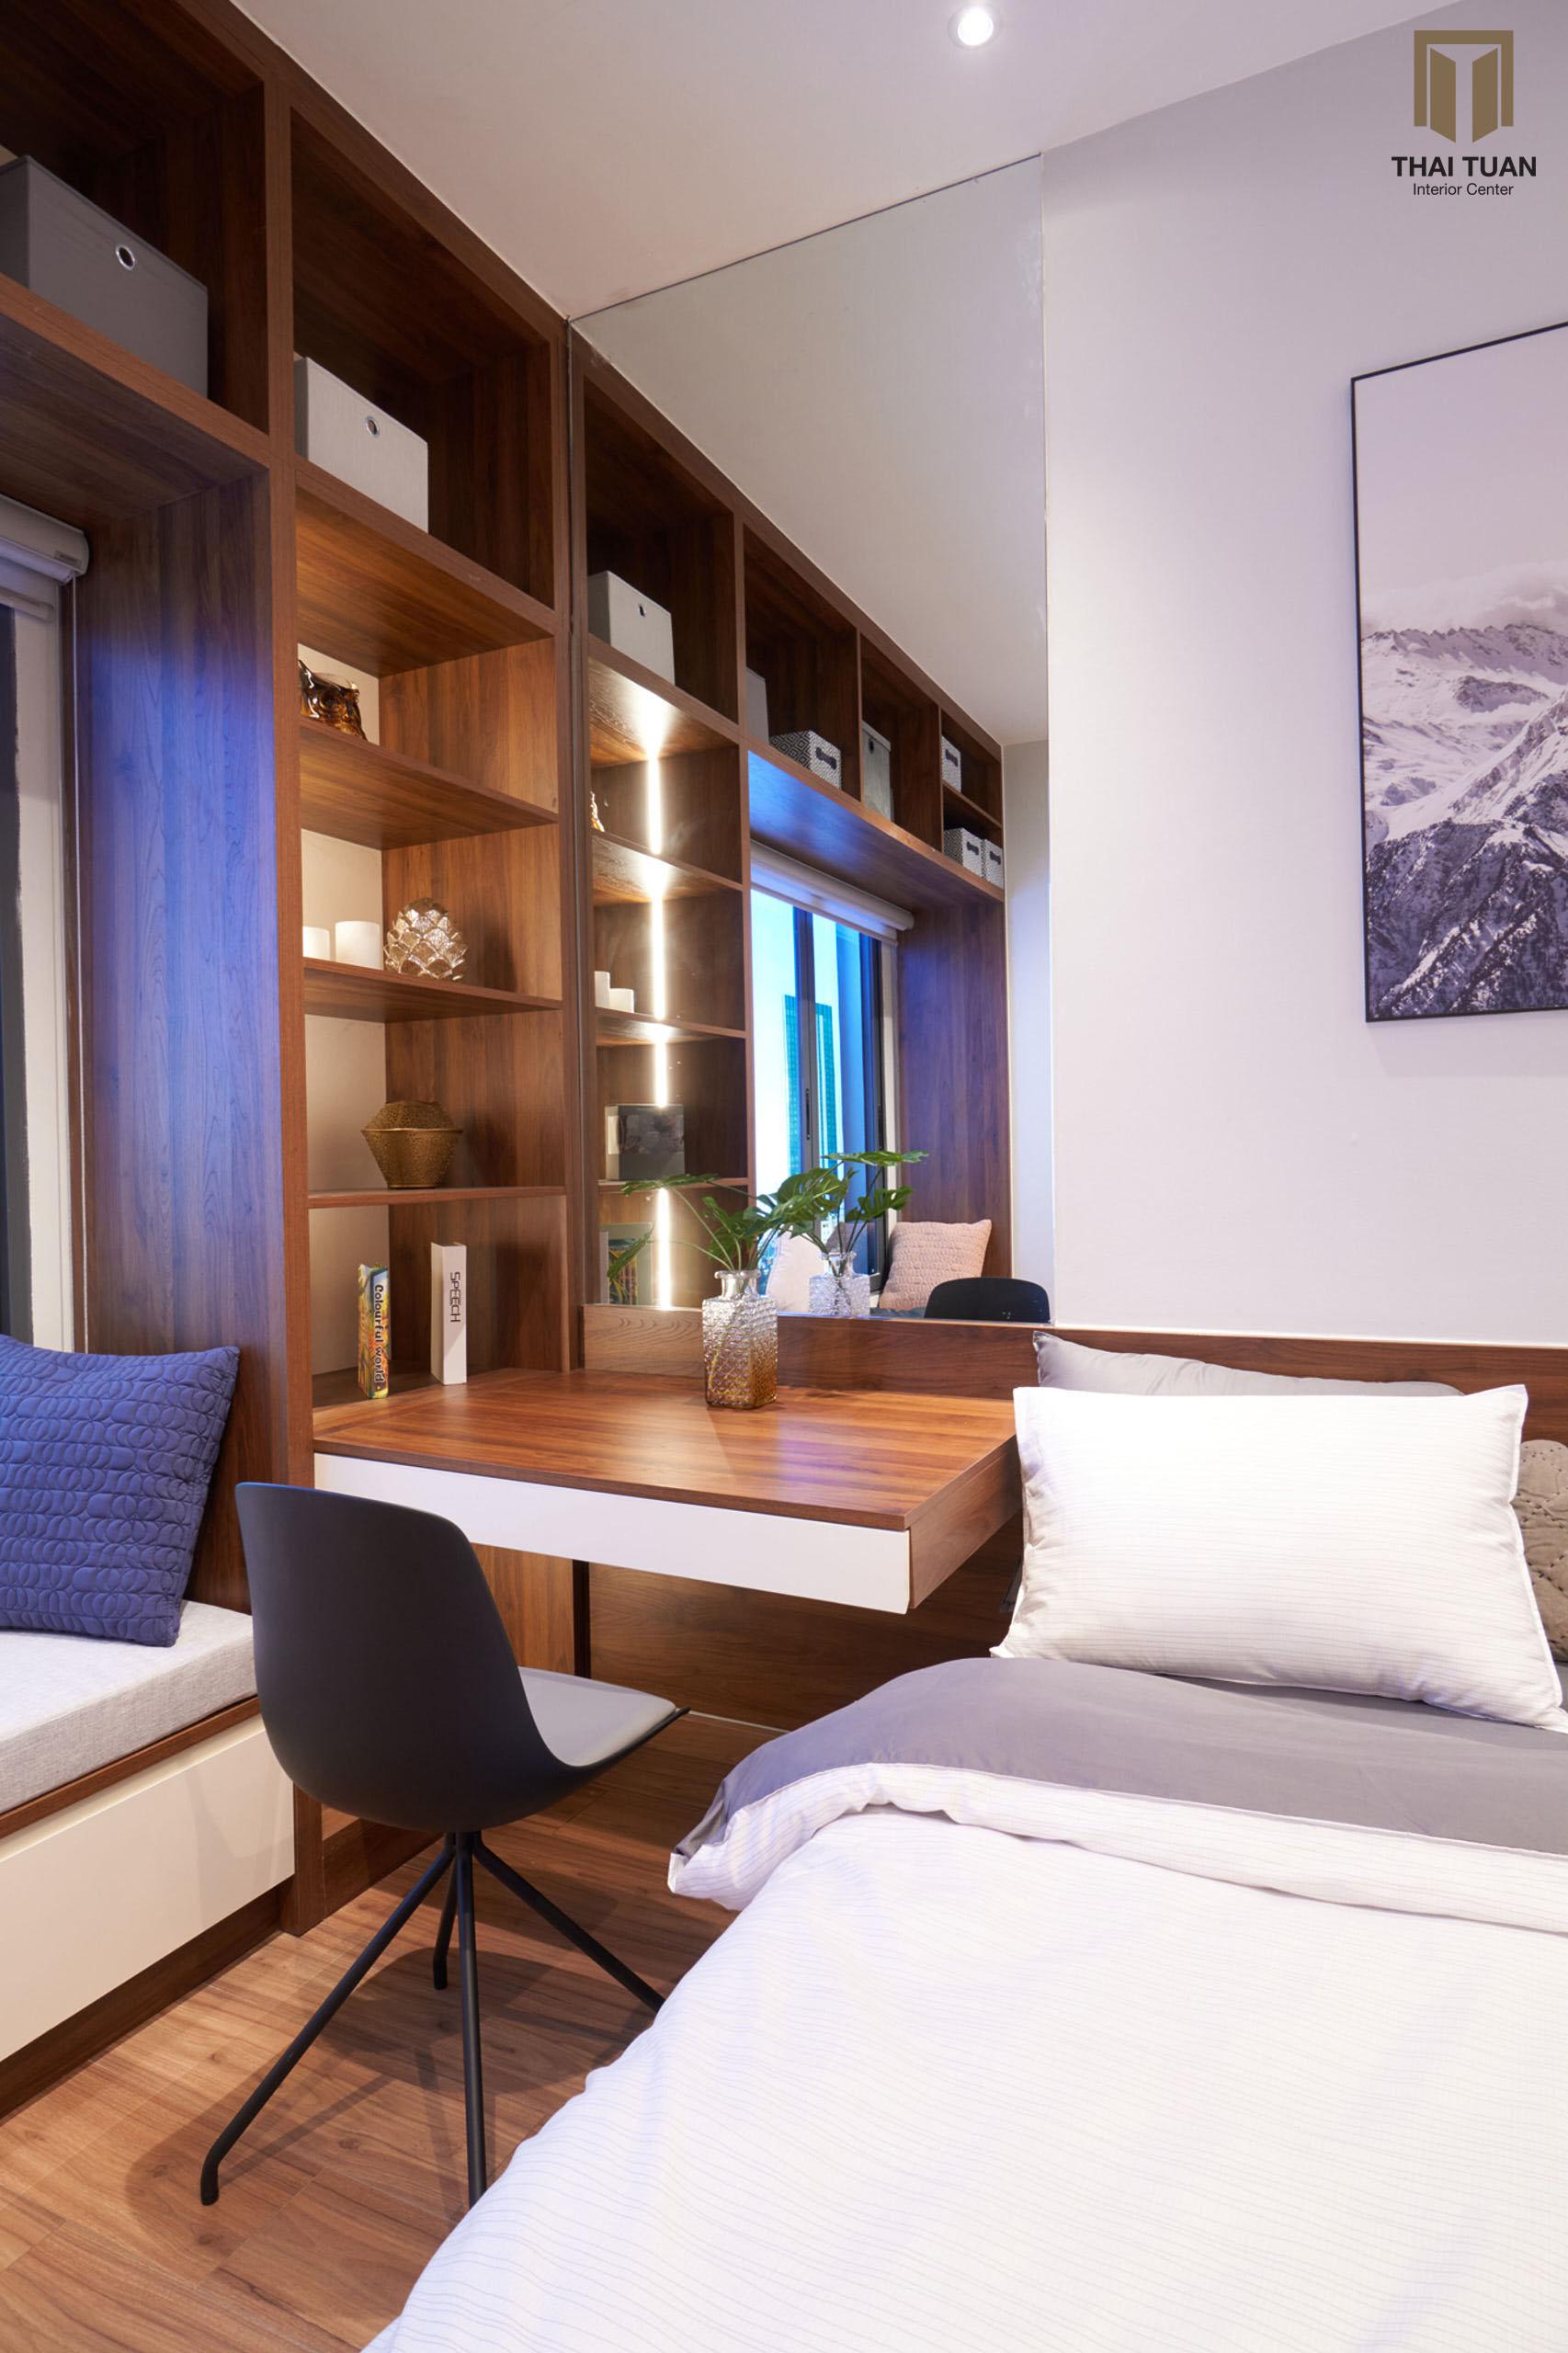 Phòng ngủ kết hợp bàn học, kệ sách và giường ngủ vô cùng hợp lí